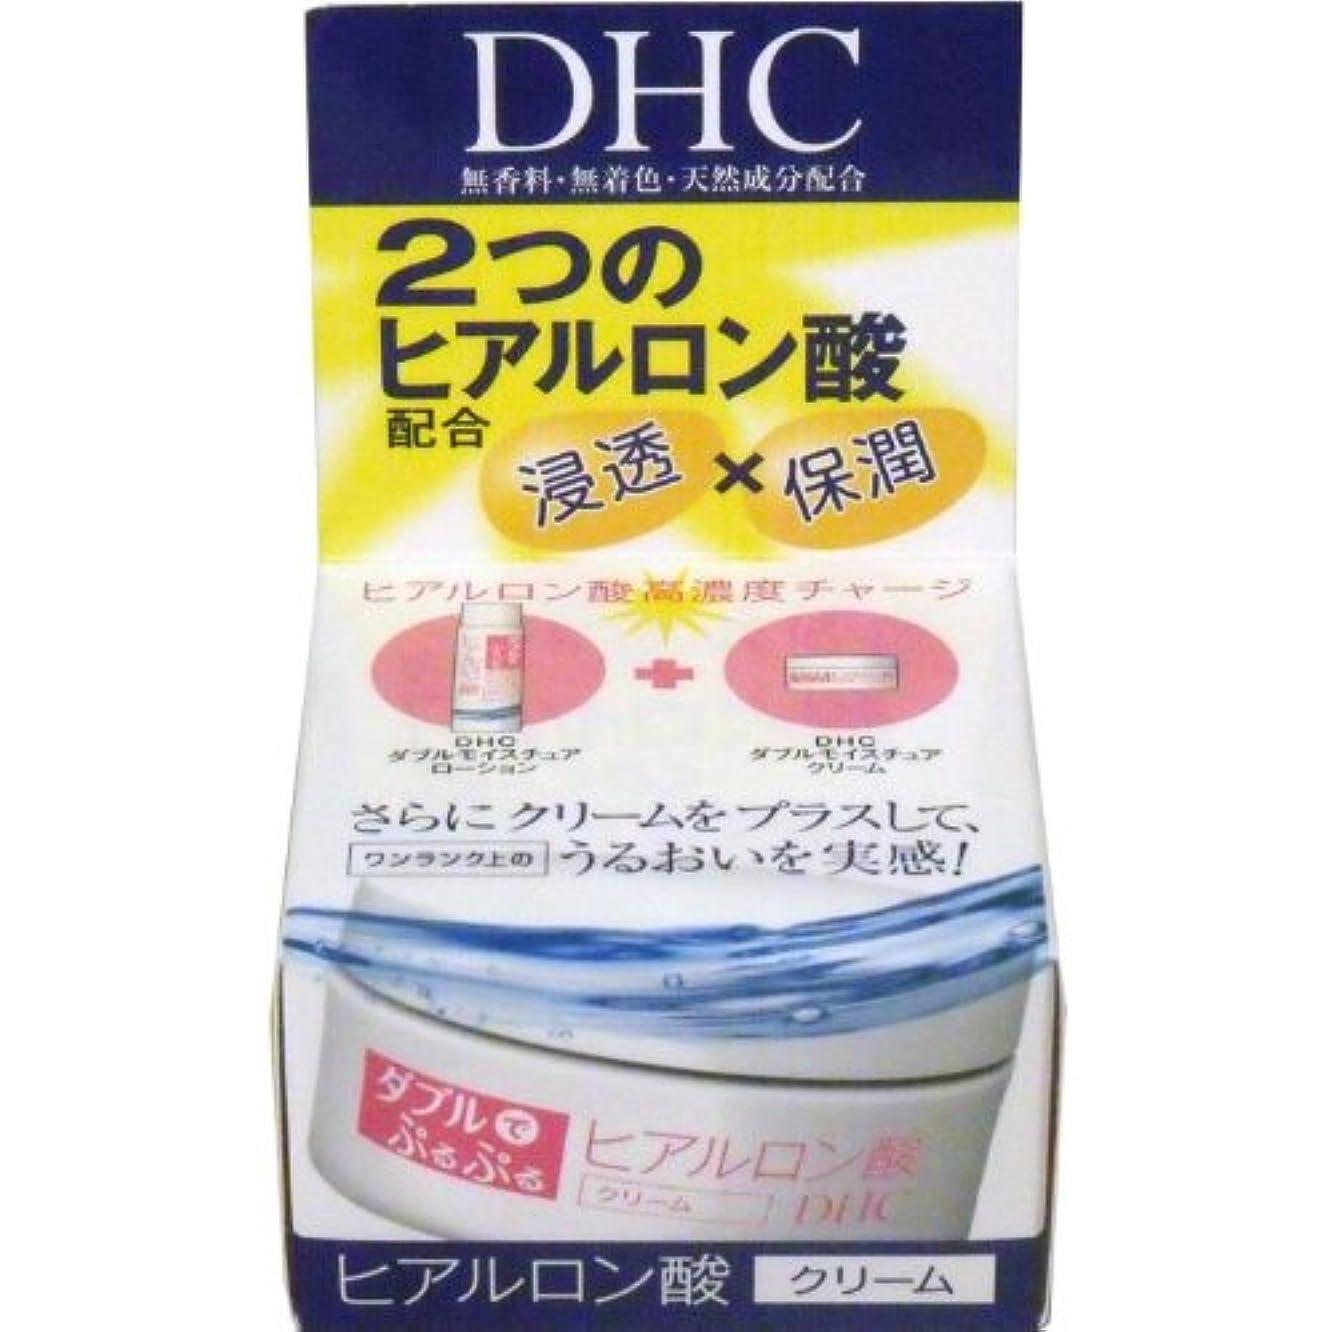 放映店員慎重DHC ダブルモイスチュア クリーム 50g【4個セット】